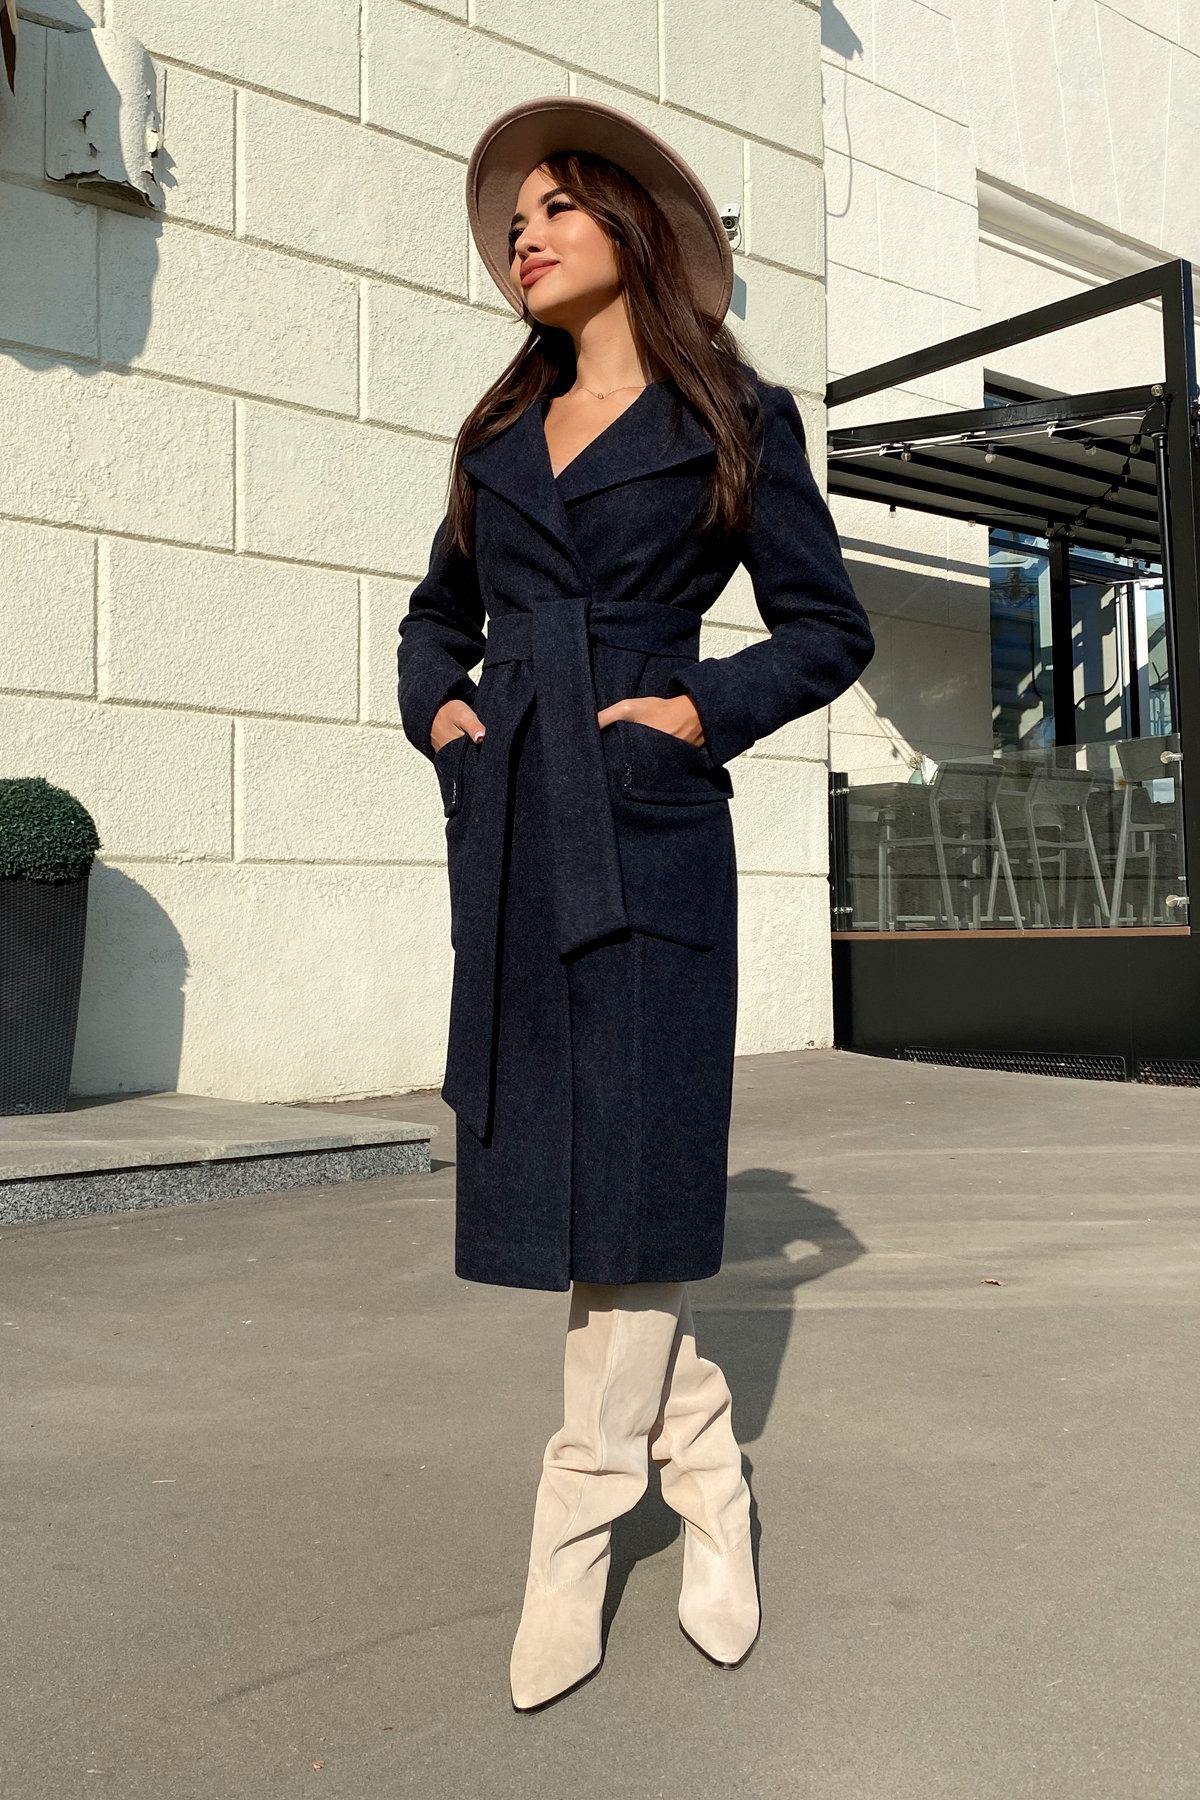 Пальто Стейси 5471 АРТ. 36685 Цвет: Темно-синий - фото 3, интернет магазин tm-modus.ru